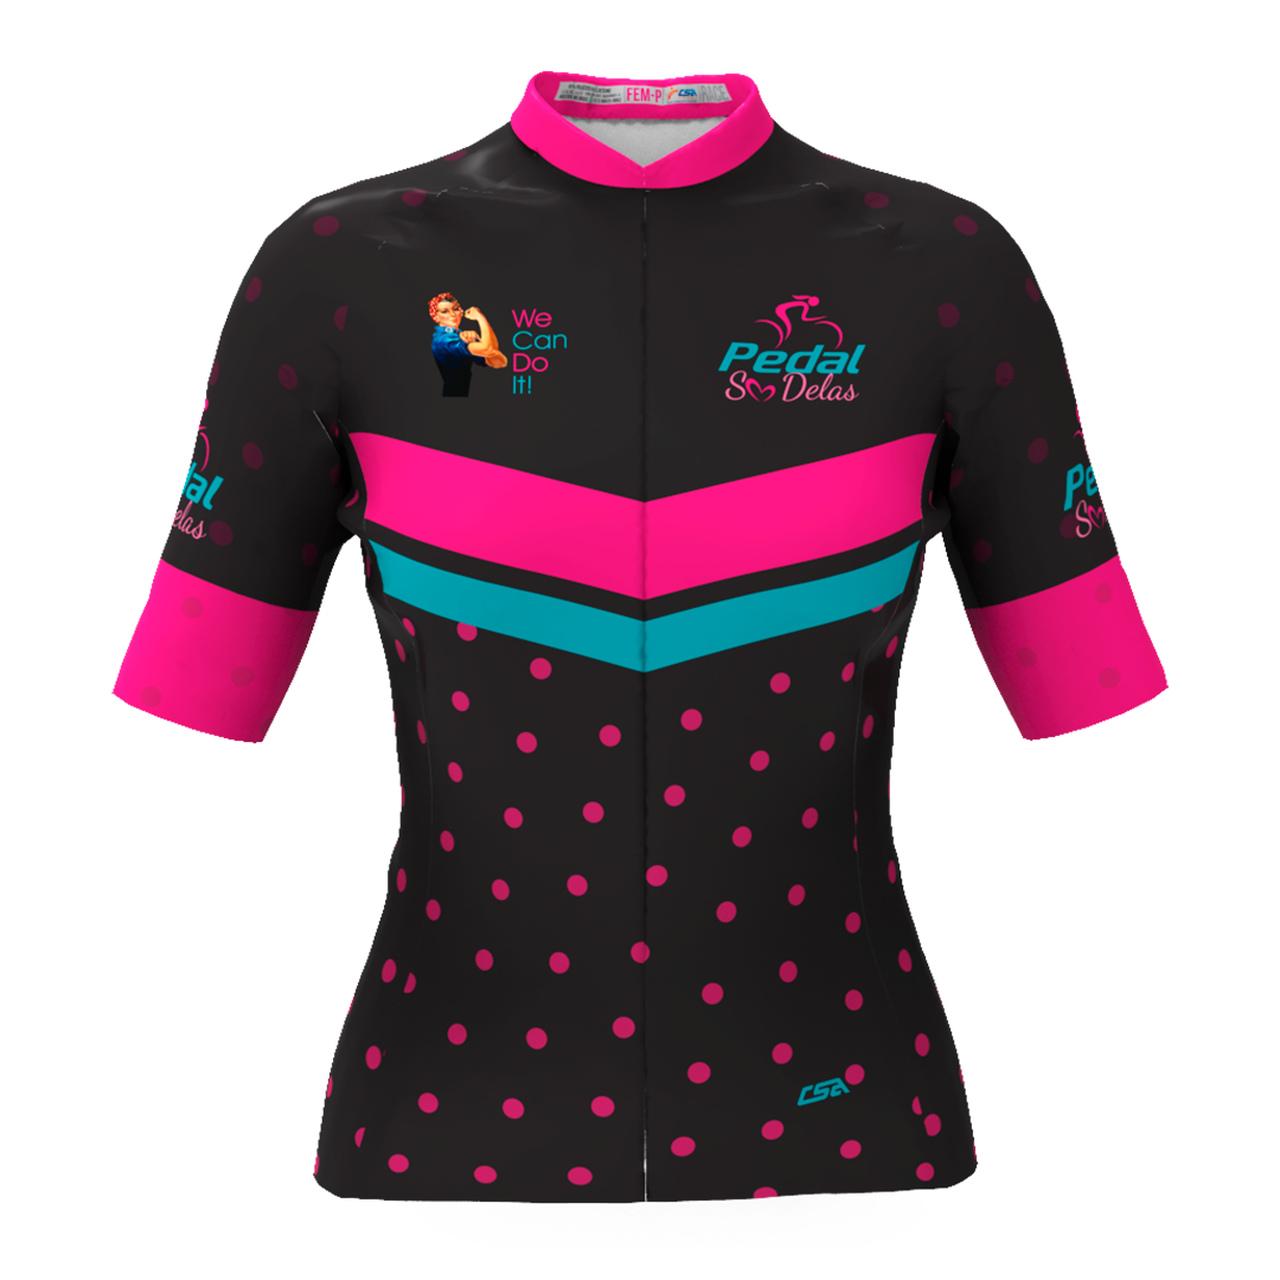 Camisa Ciclista Tour Pedal Só Delas Feminina Modelo 2